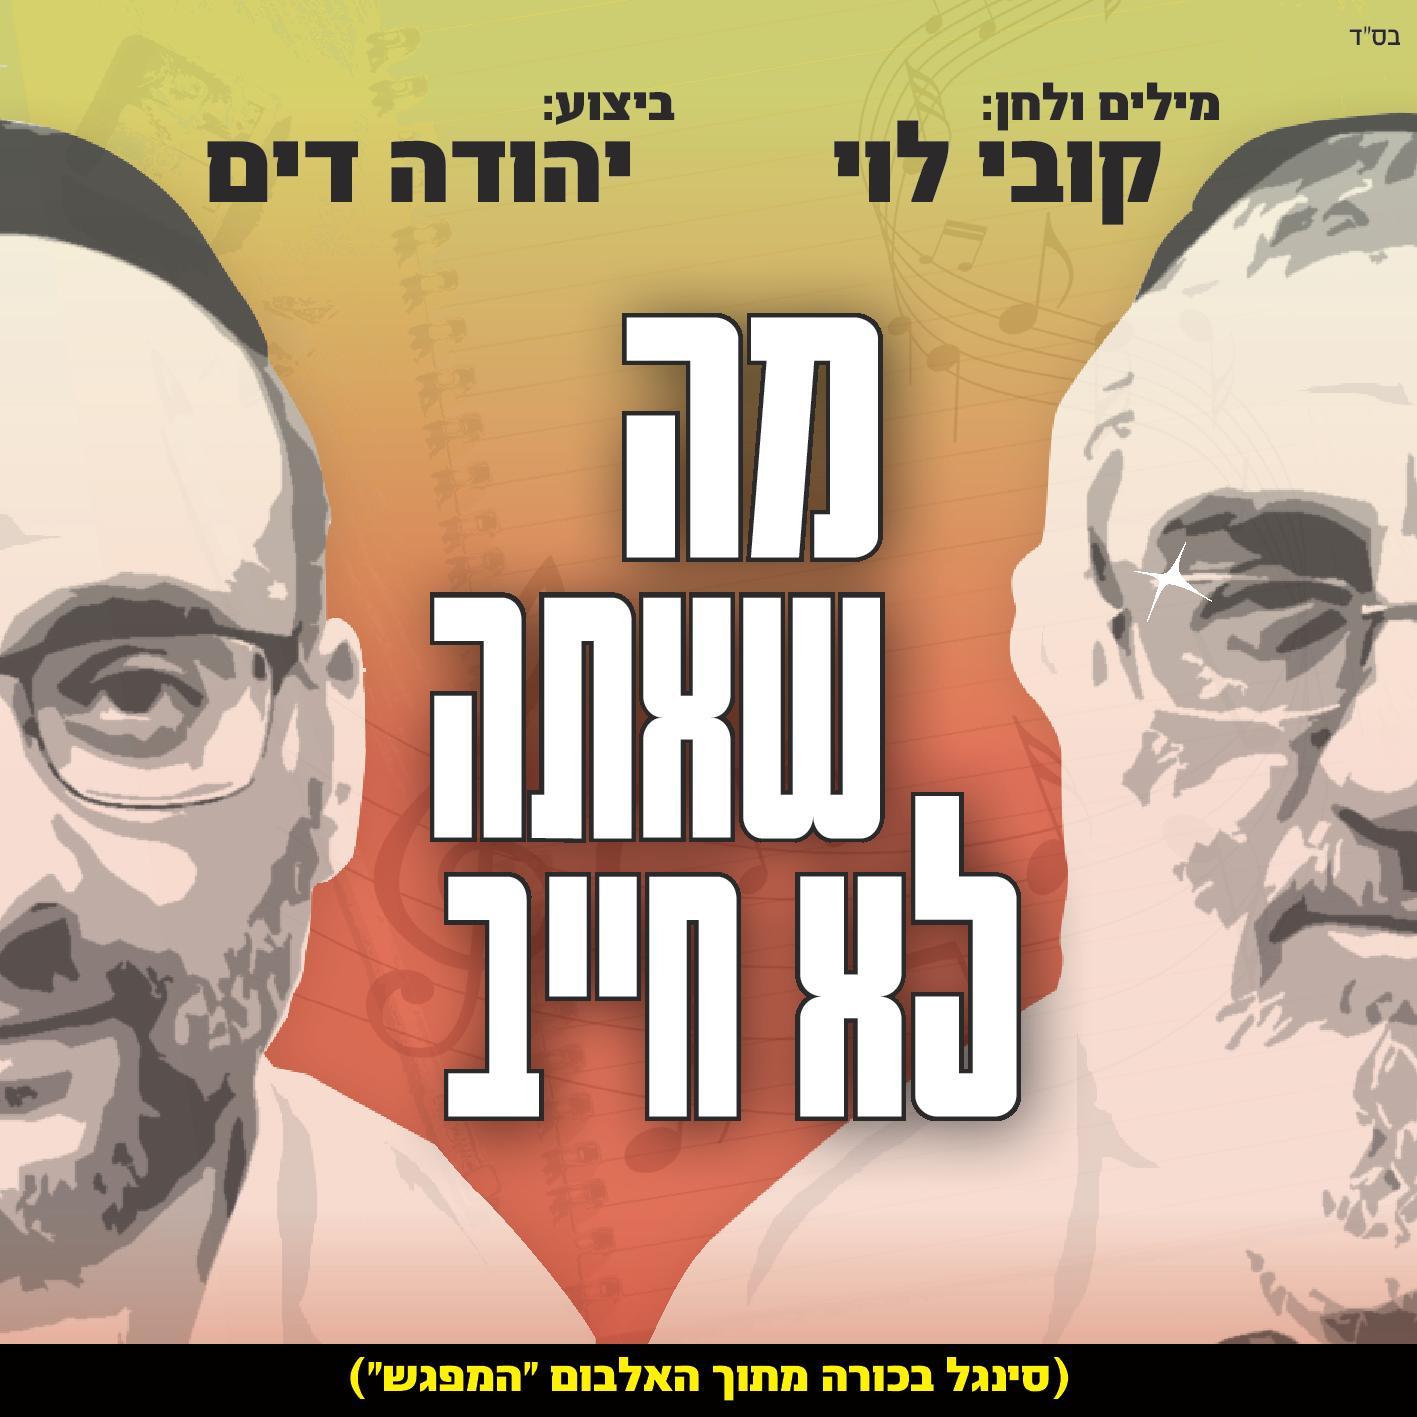 הסופר קובי לוי והזמר יהודה דים משתפים פעולה בדיסק-ספר